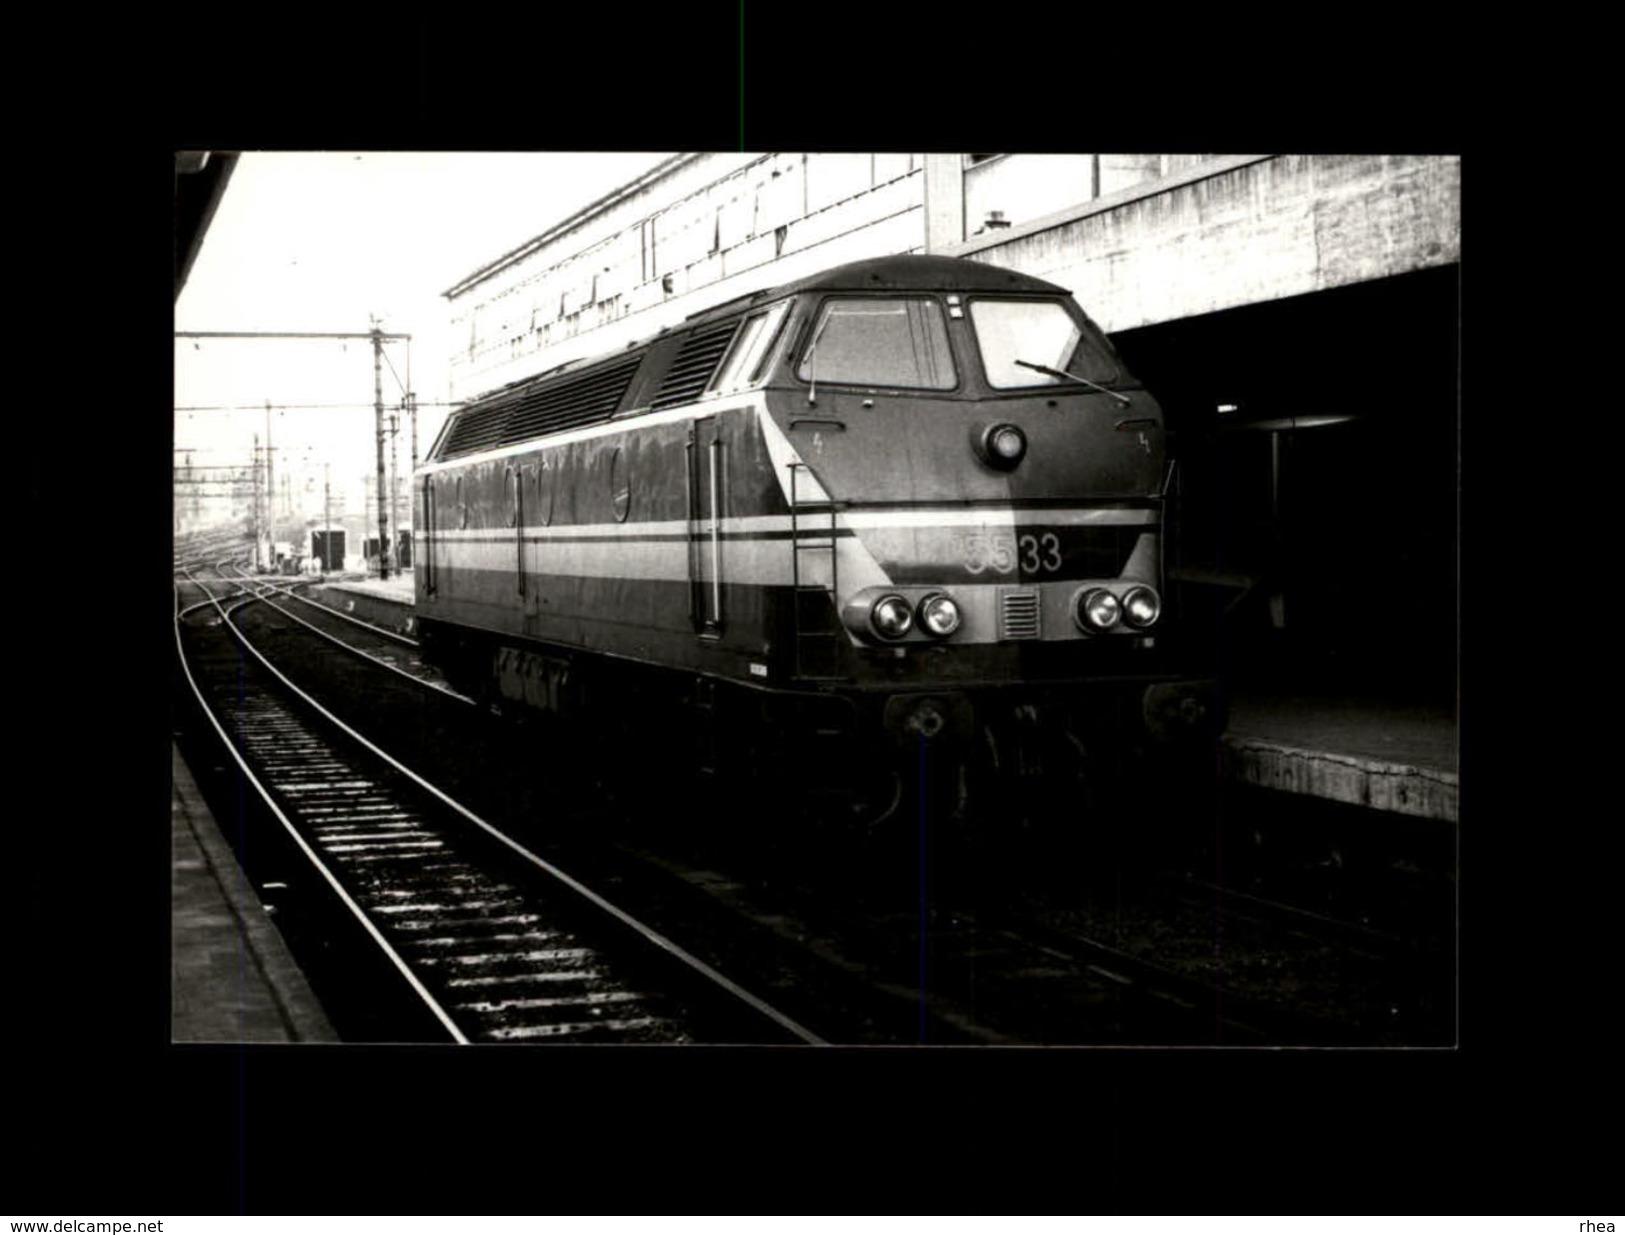 TRAINS - LIEGE - BELGIQUE - Locomotive 5533 - Trains